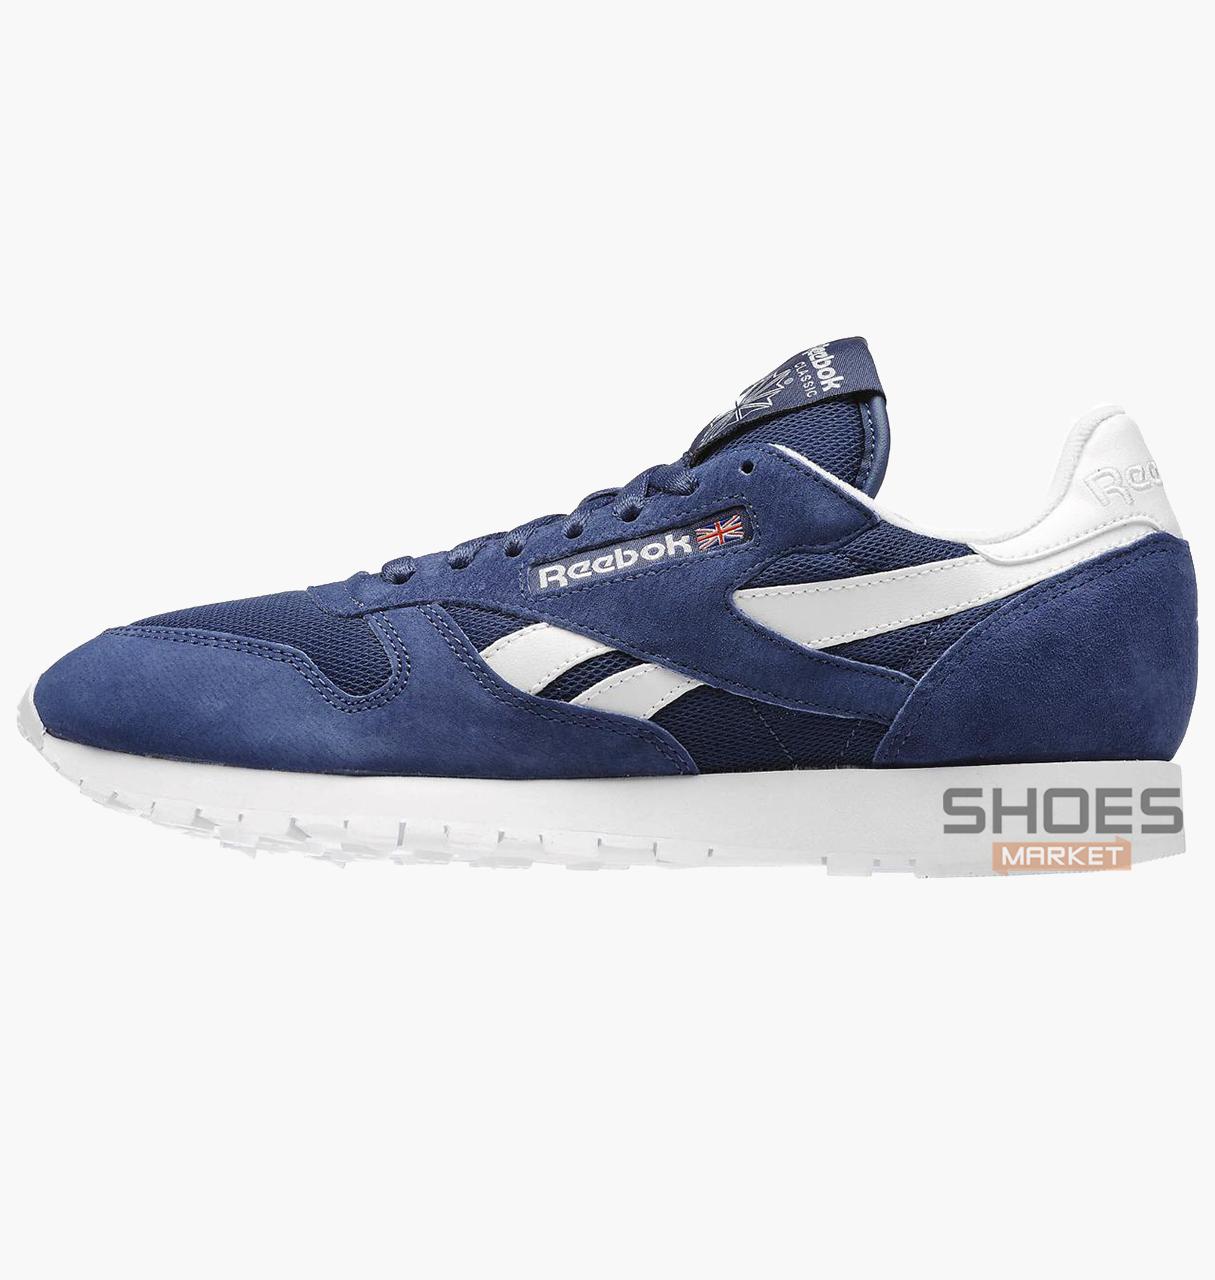 Мужские кроссовки  Reebok CL Leather IS  Bleu V69421, оригинал